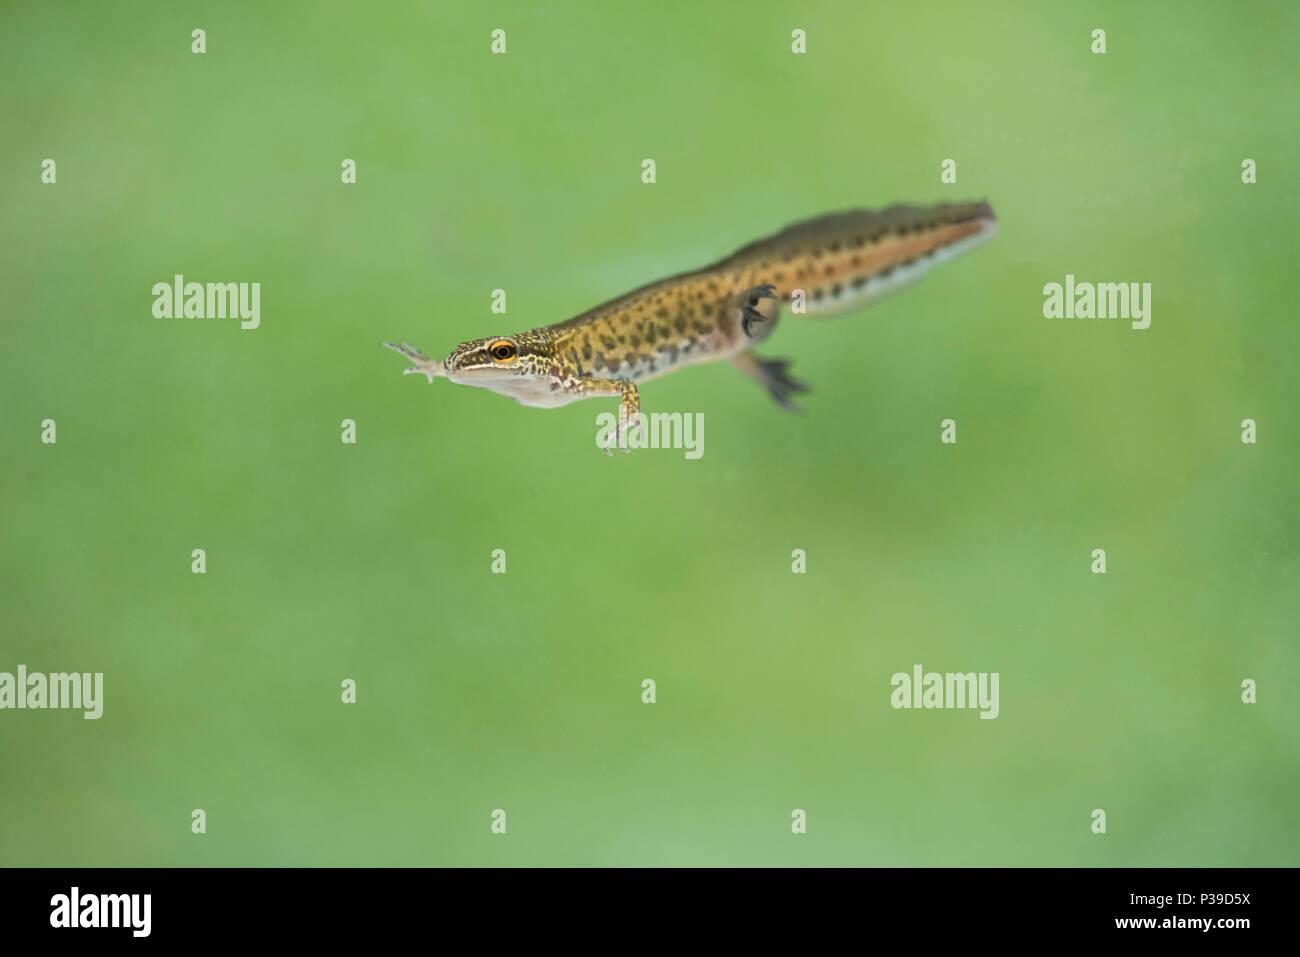 Männliche palmate Newt (Lissotriton helveticus) in Zucht Zustand, mit Schwimmhäuten zwischen den Hinterpfoten. Stockbild